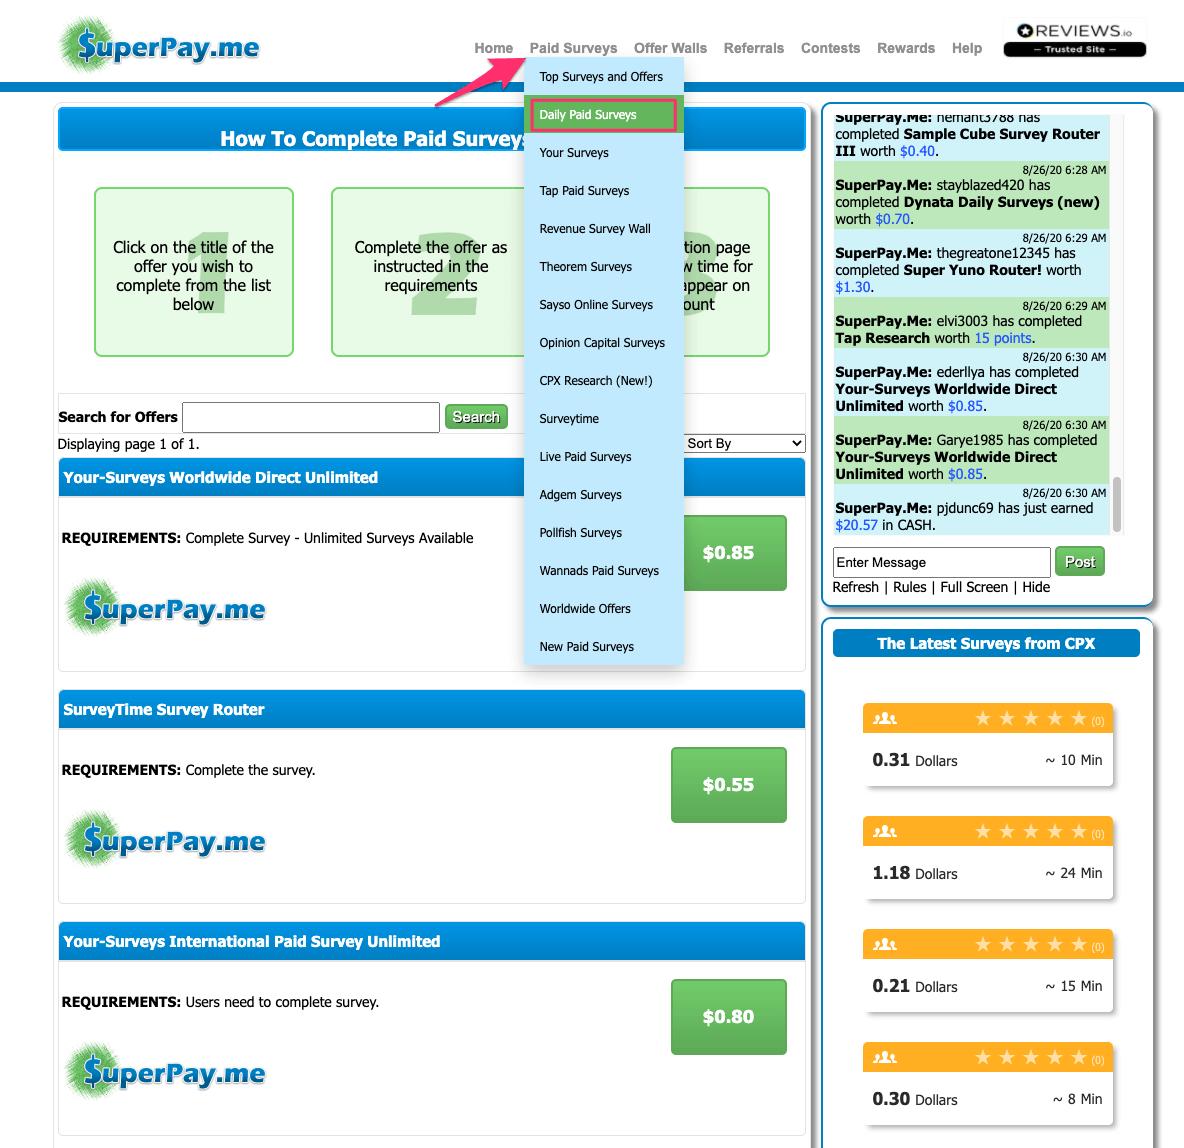 Cách làm khảo sát kiếm tiền với superpay